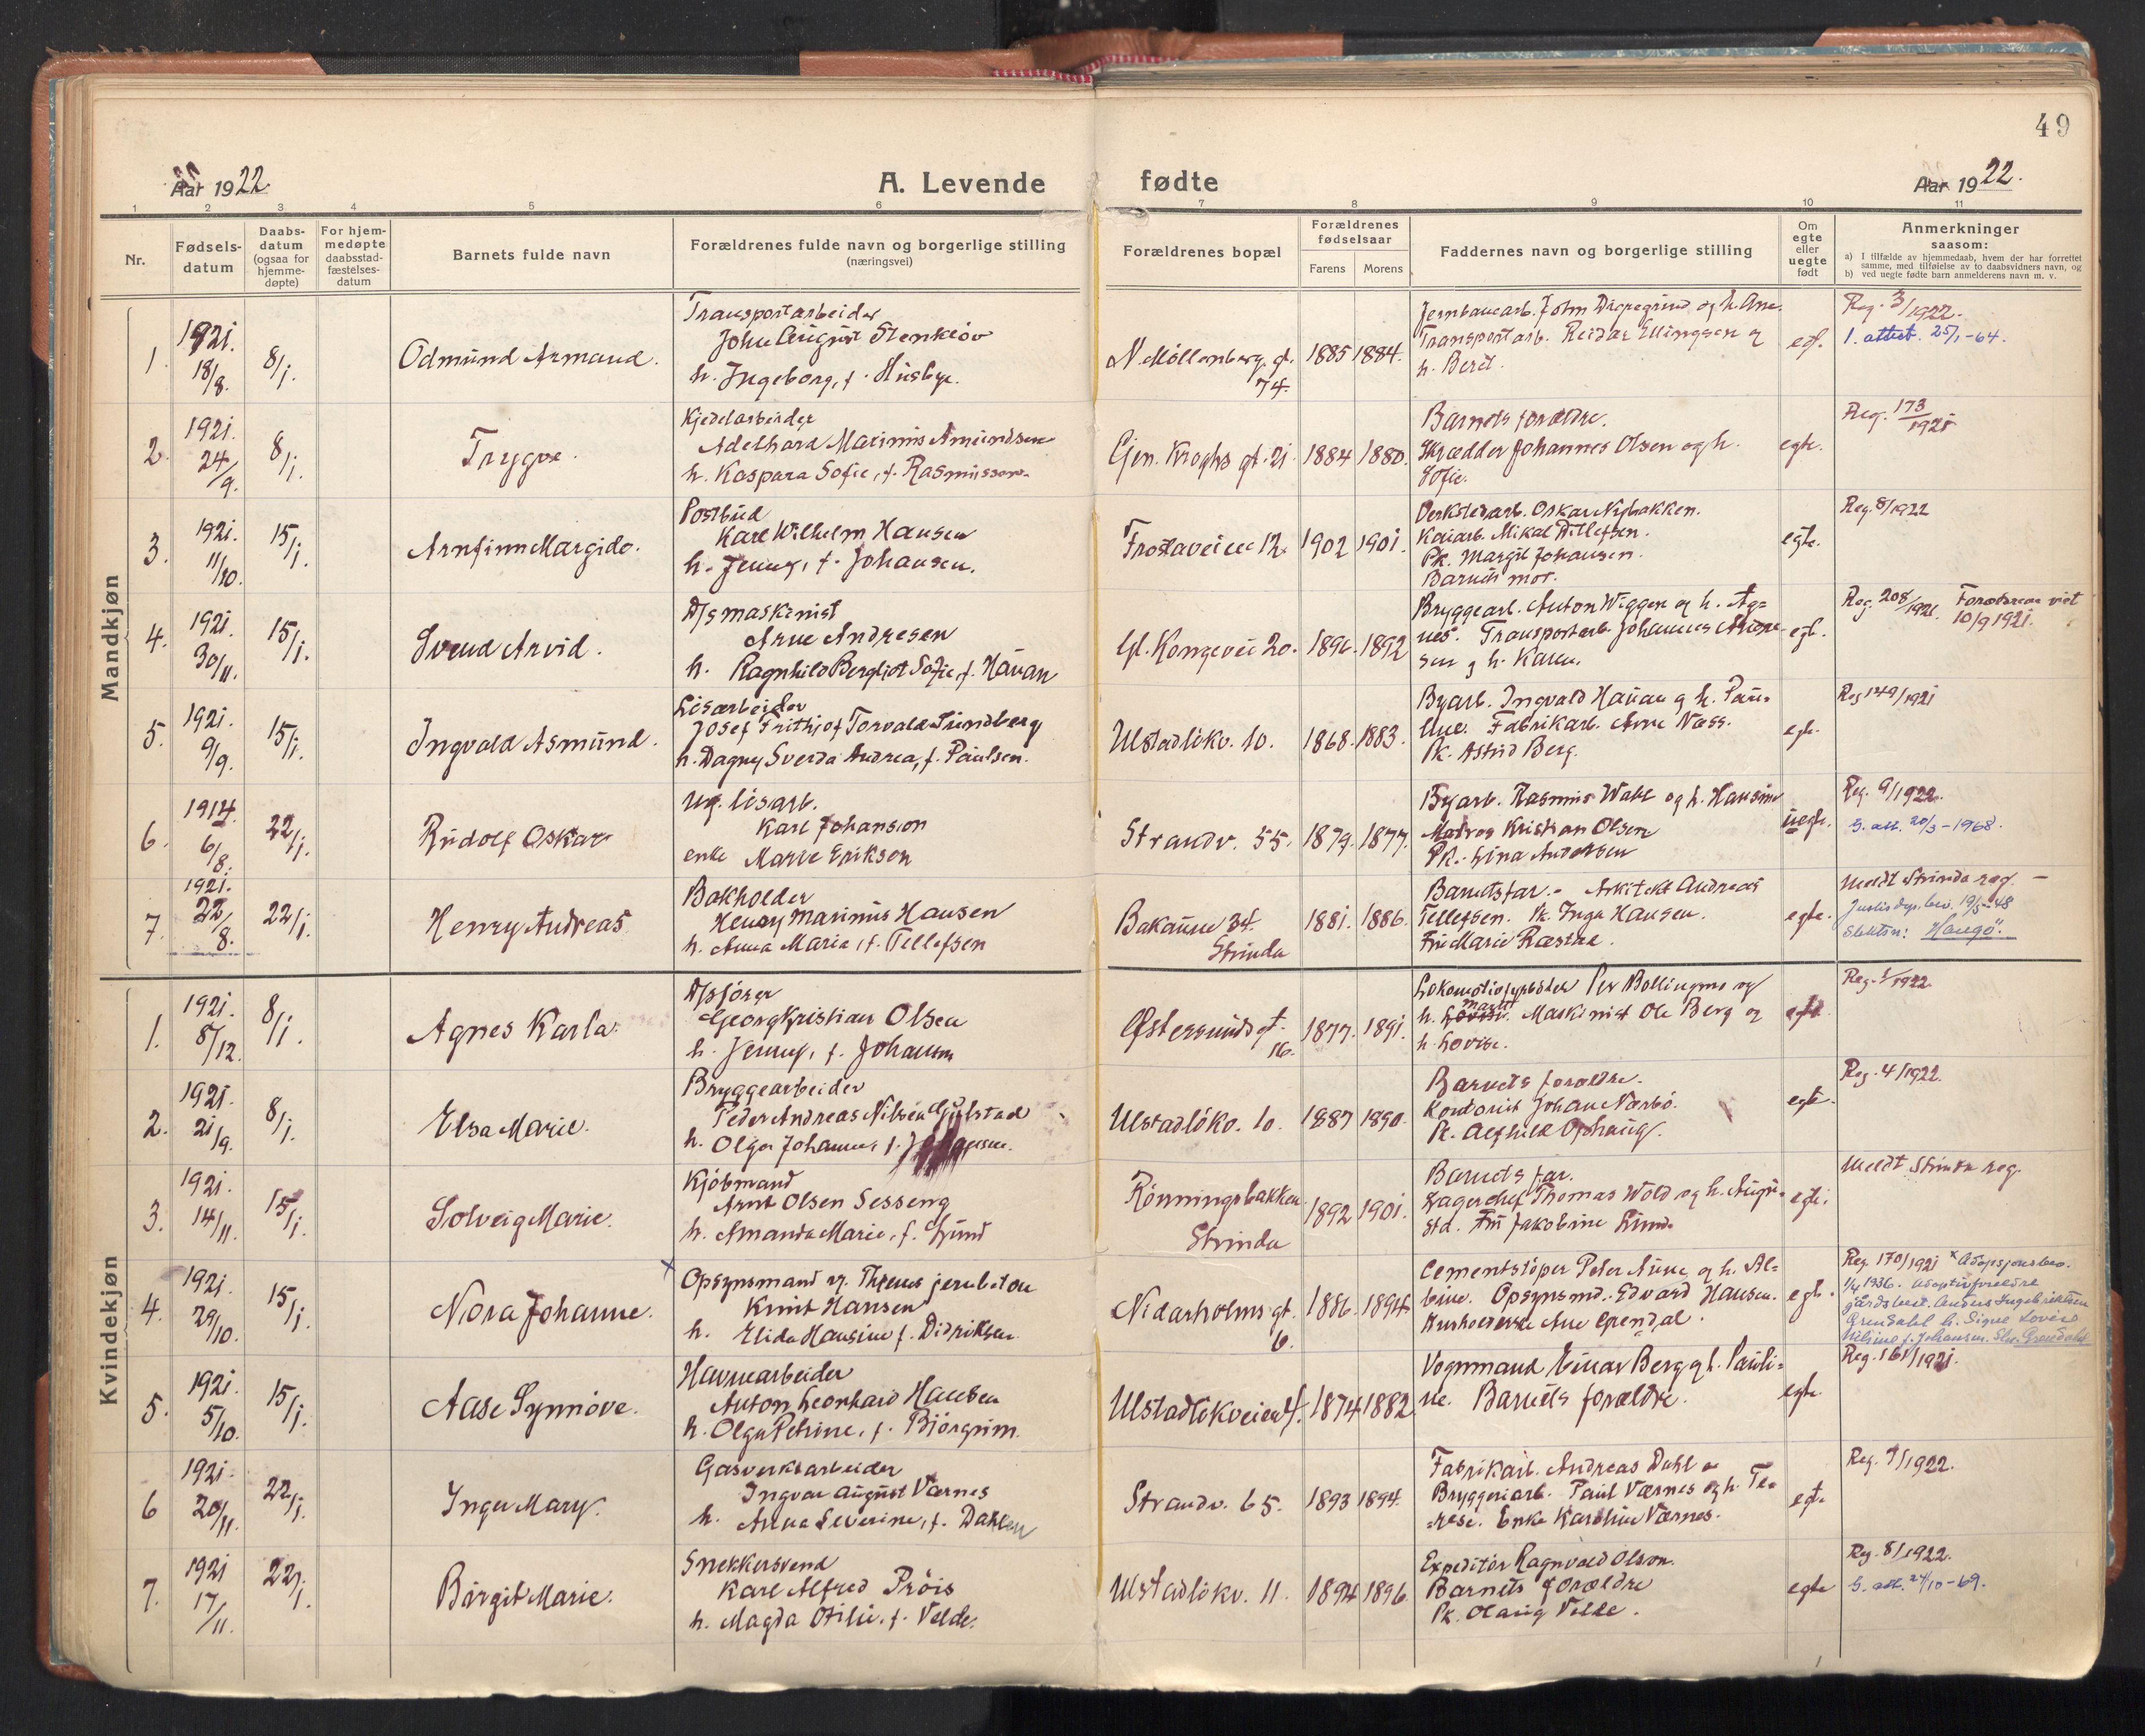 SAT, Ministerialprotokoller, klokkerbøker og fødselsregistre - Sør-Trøndelag, 605/L0248: Ministerialbok nr. 605A10, 1920-1937, s. 49